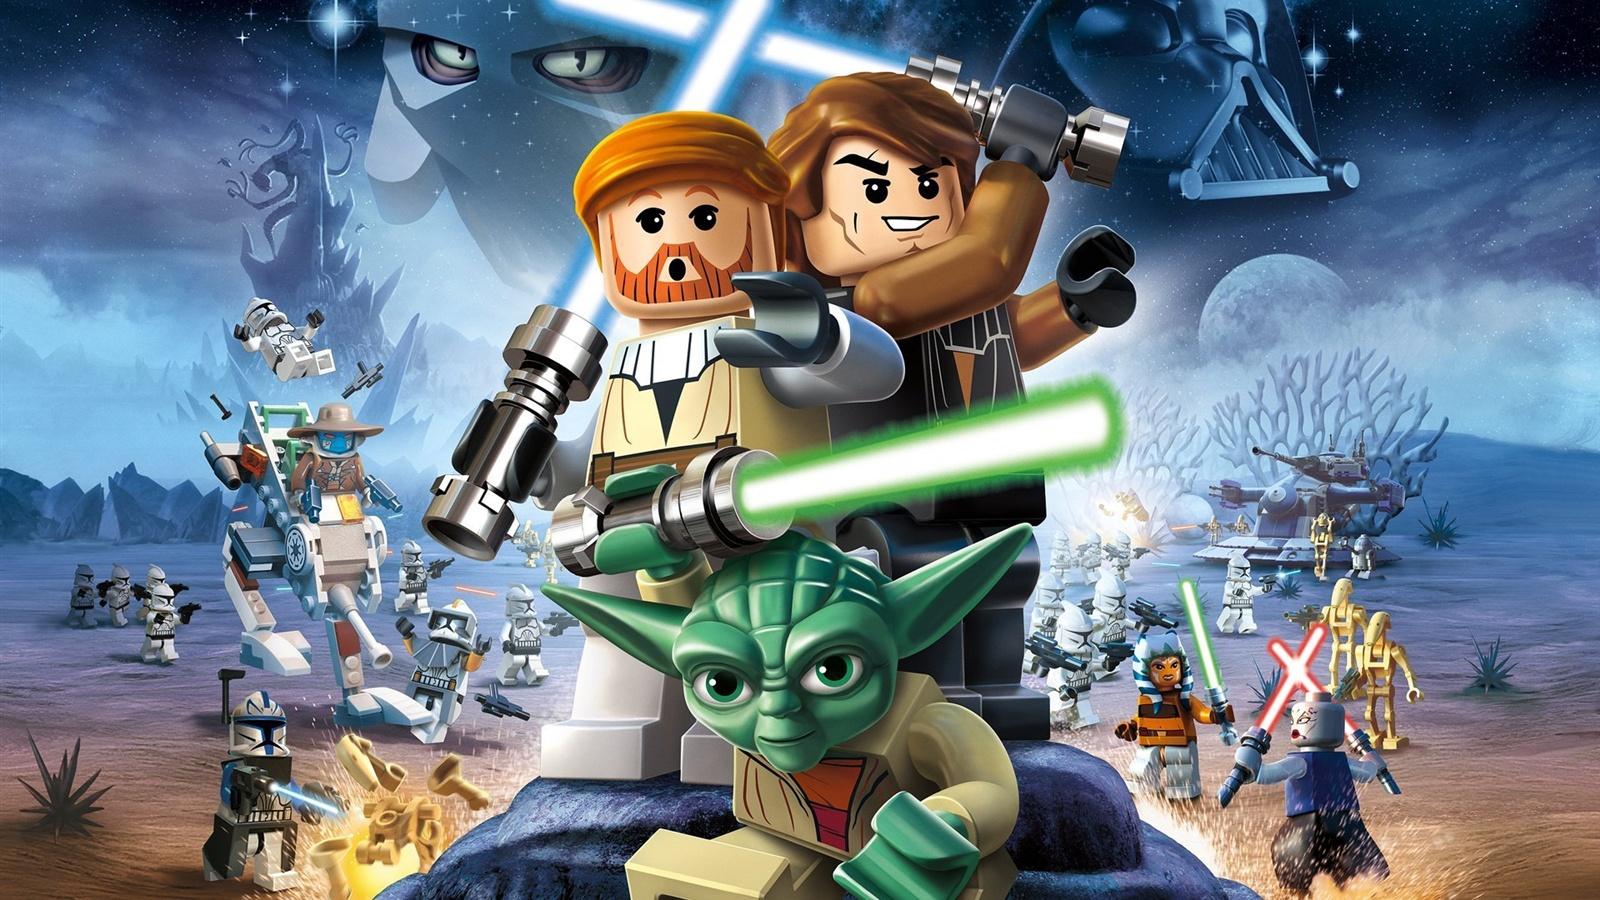 Hintergrundbilder beschreibung lego star wars iii the clone wars